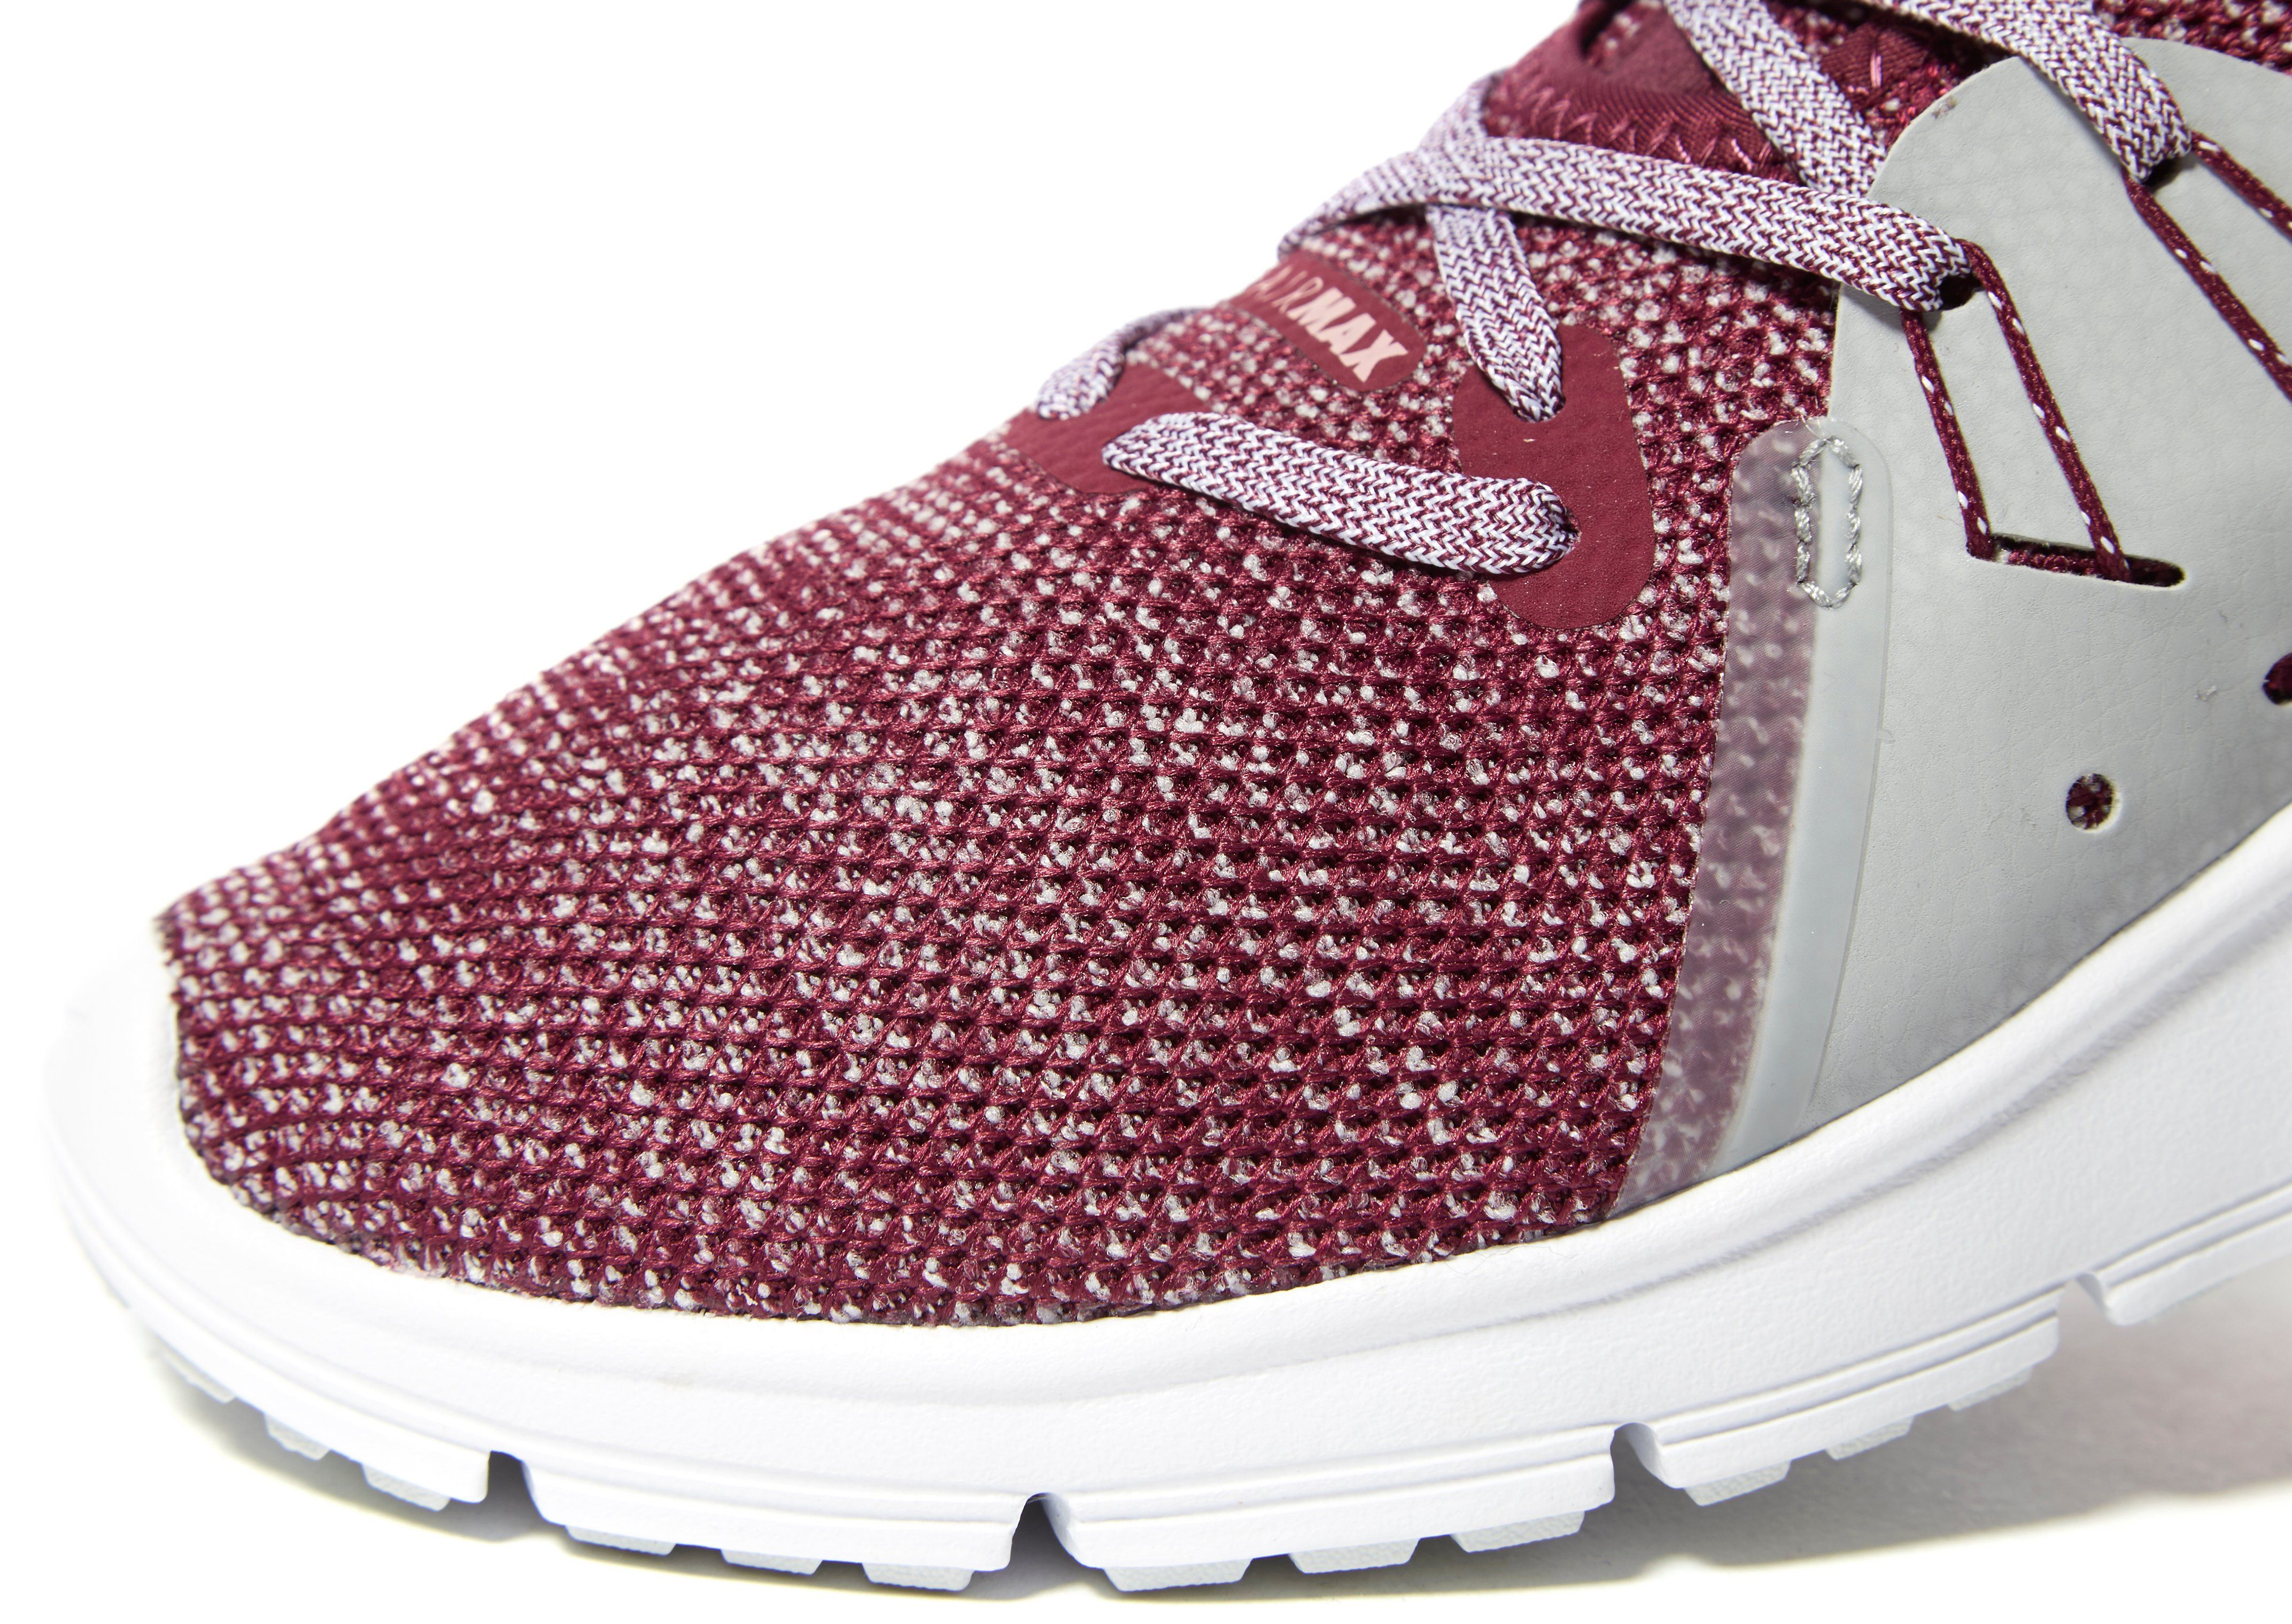 Nike Air Max Sequent 3 Damen Pink Rabatt Sneakernews Cg7A3UIFT